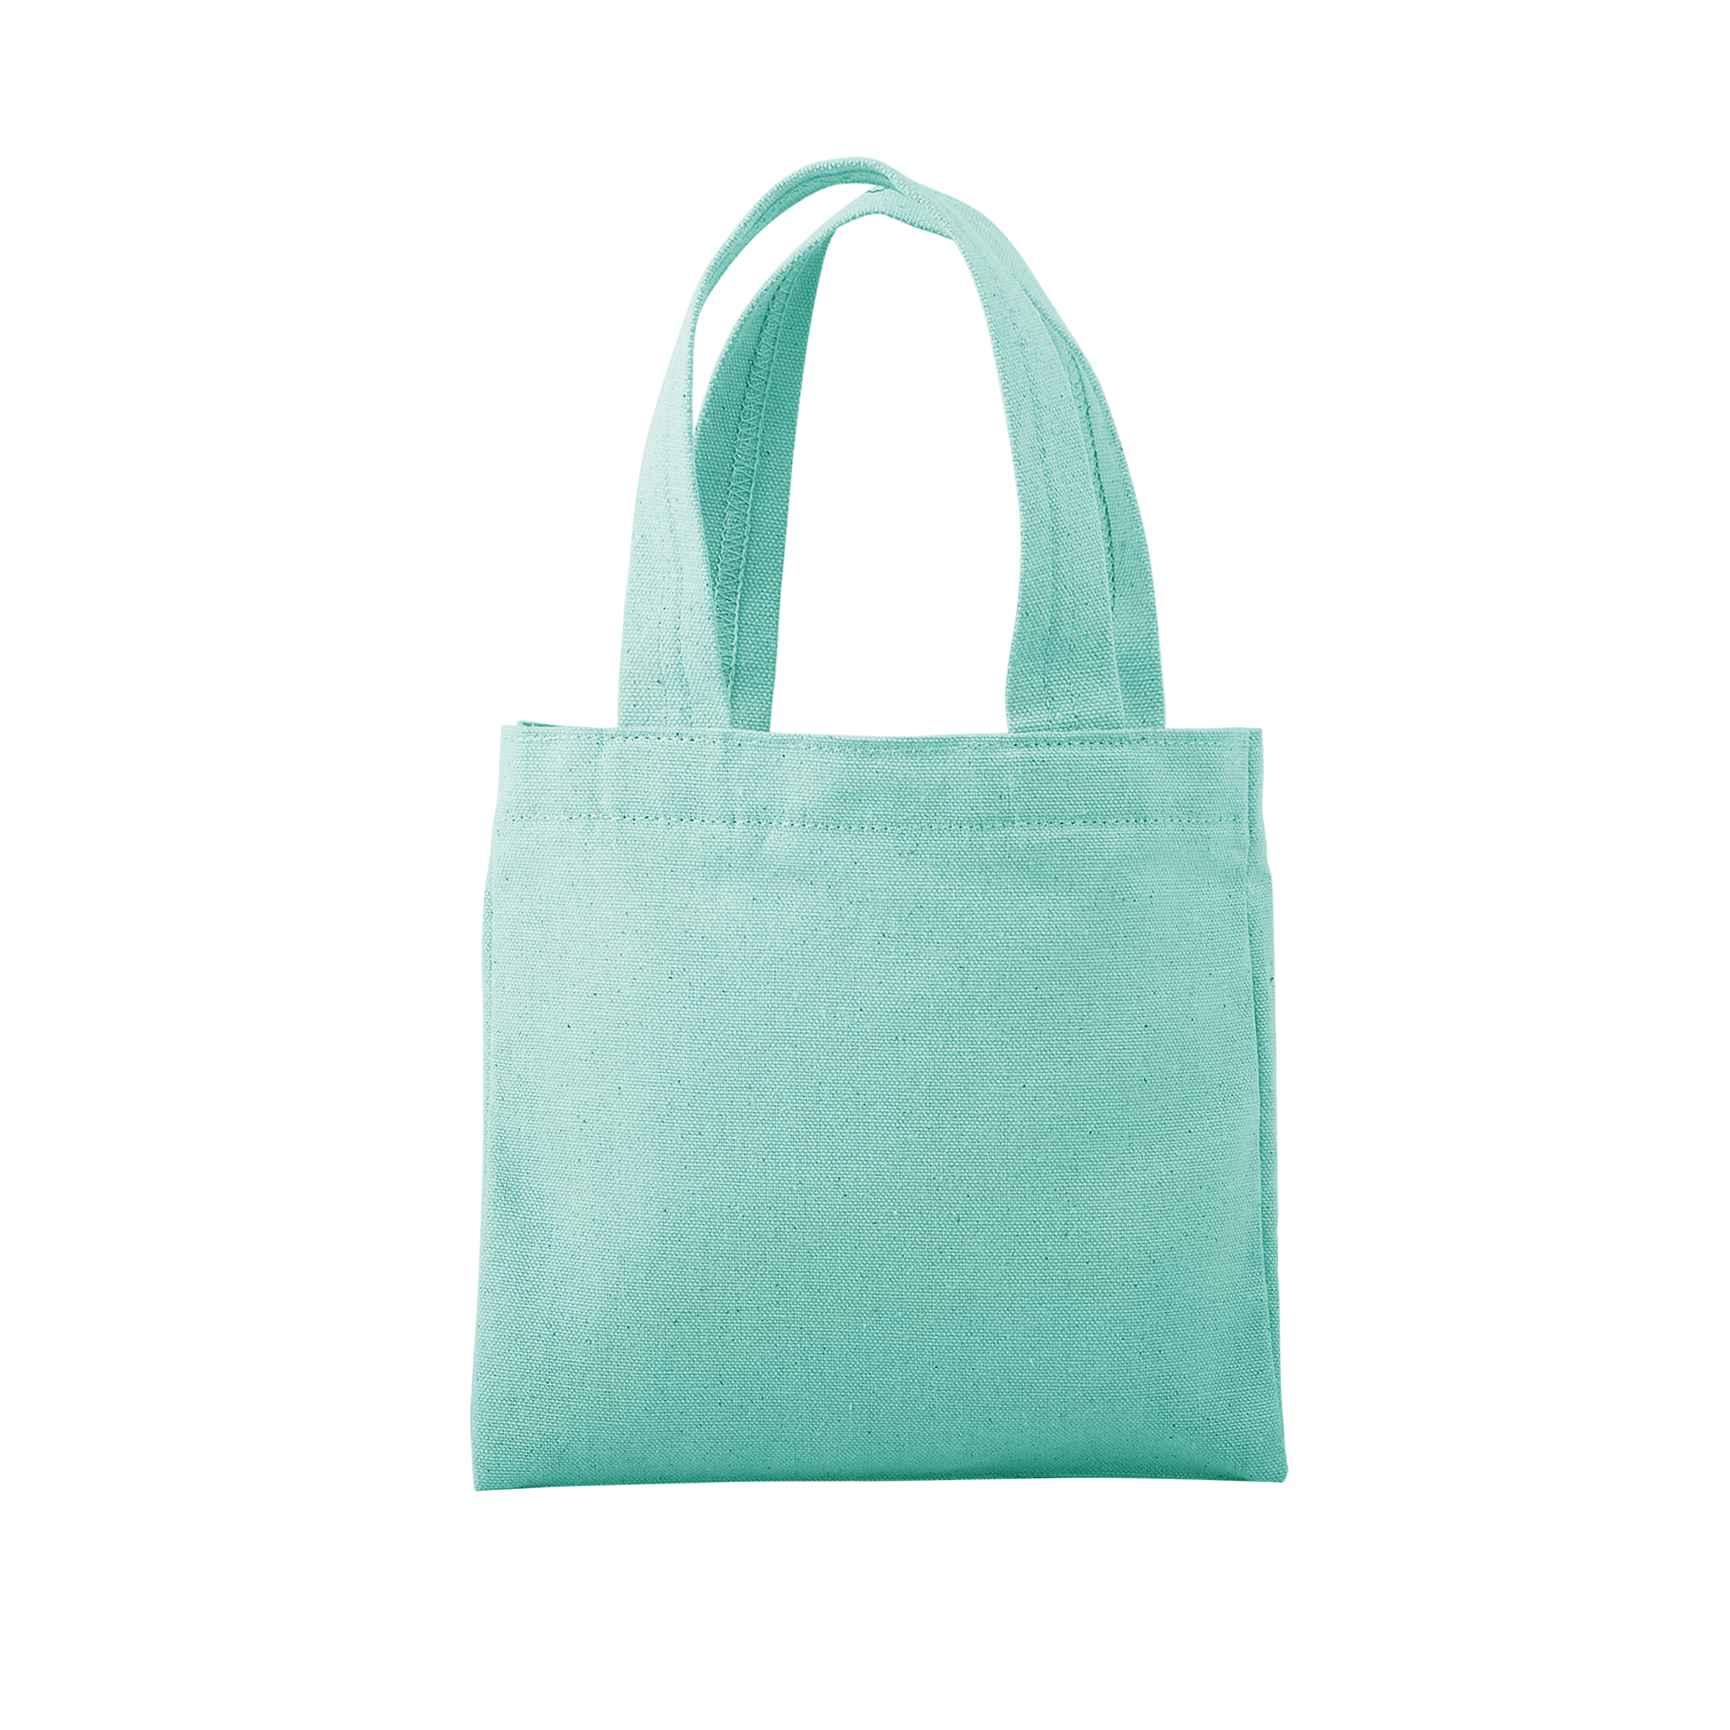 11 turquoise